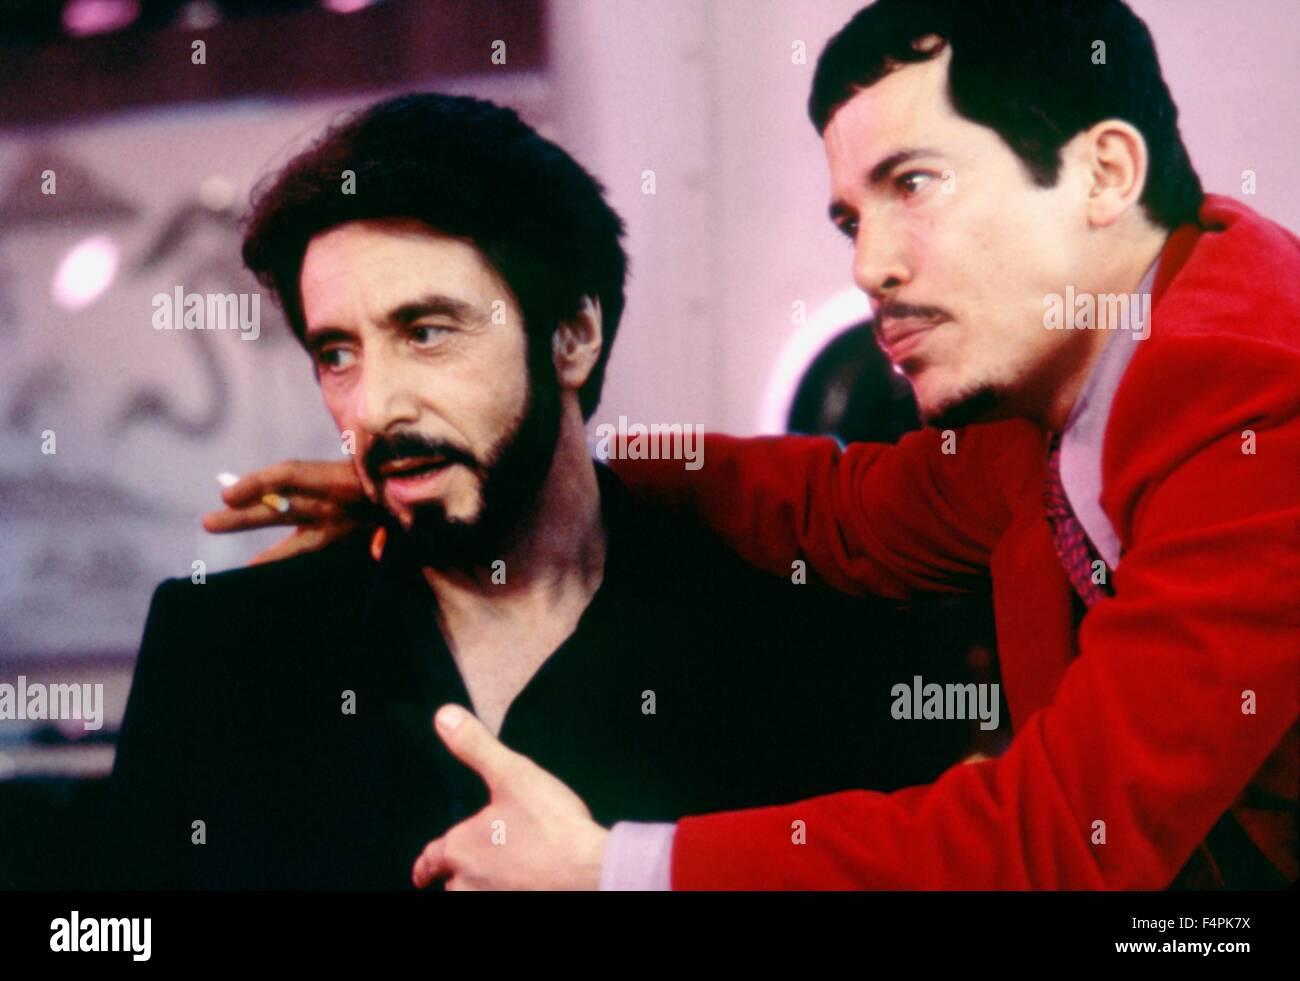 John Leguizamo Actor Stock Photos & John Leguizamo Actor Stock ...